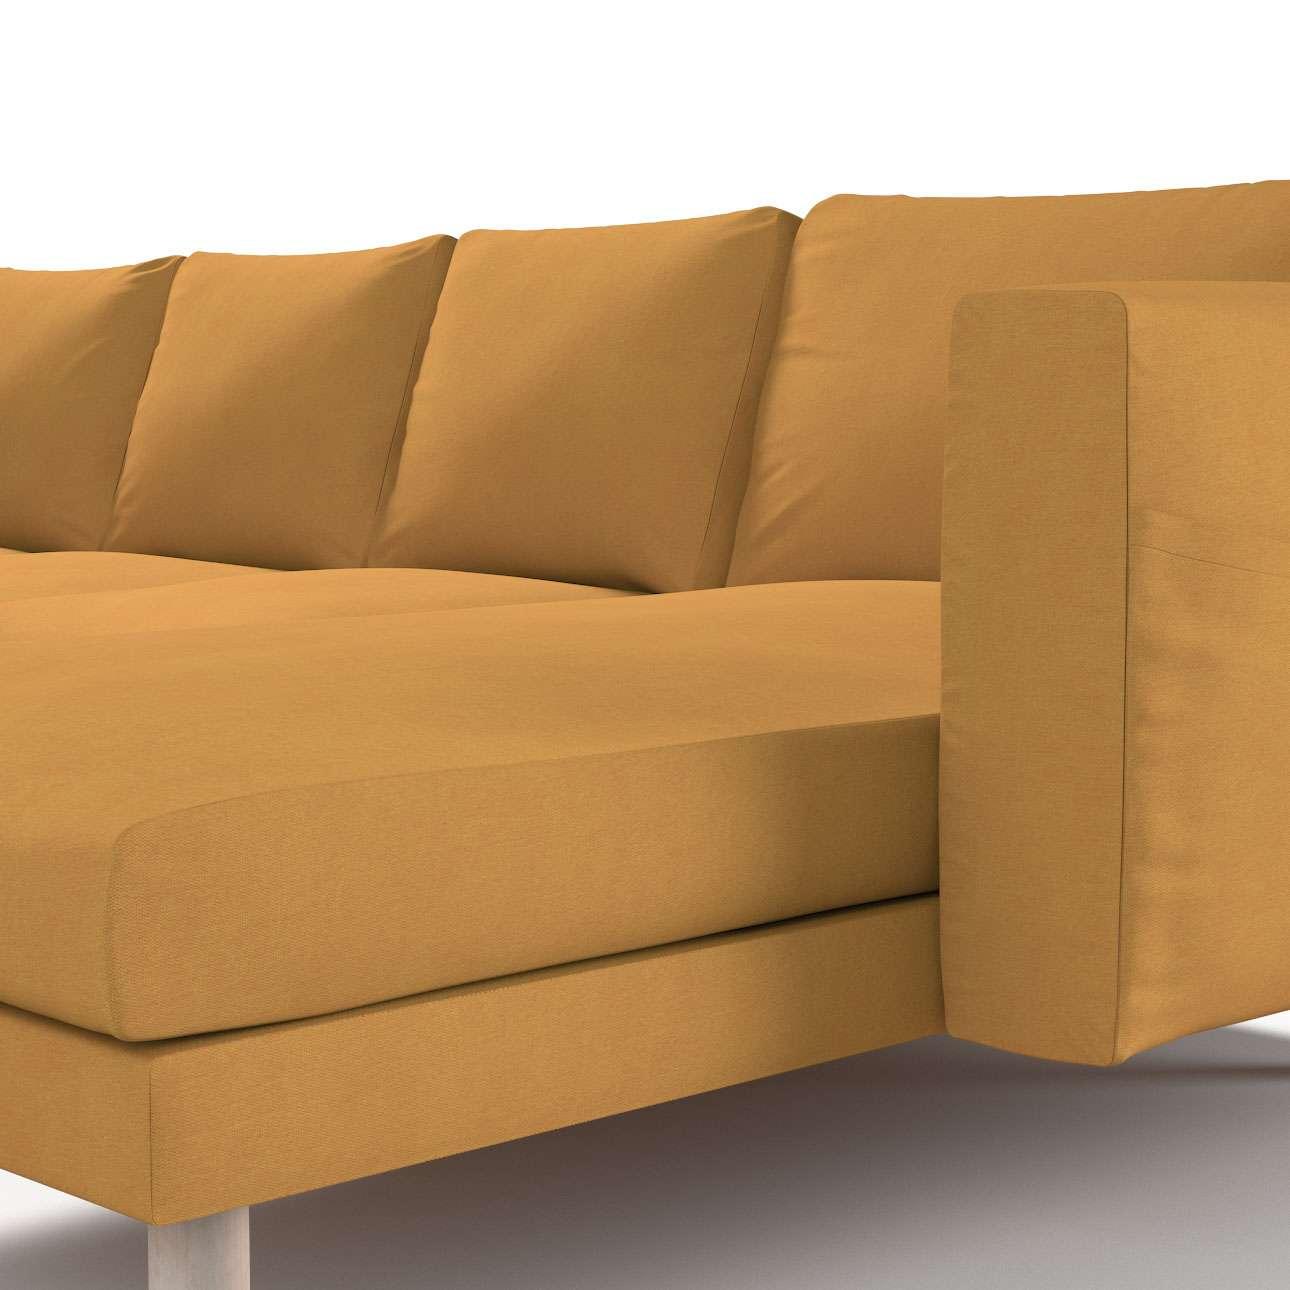 Pokrowiec na sofę Norsborg 4-osobową z szezlongiem w kolekcji Etna, tkanina: 705-04